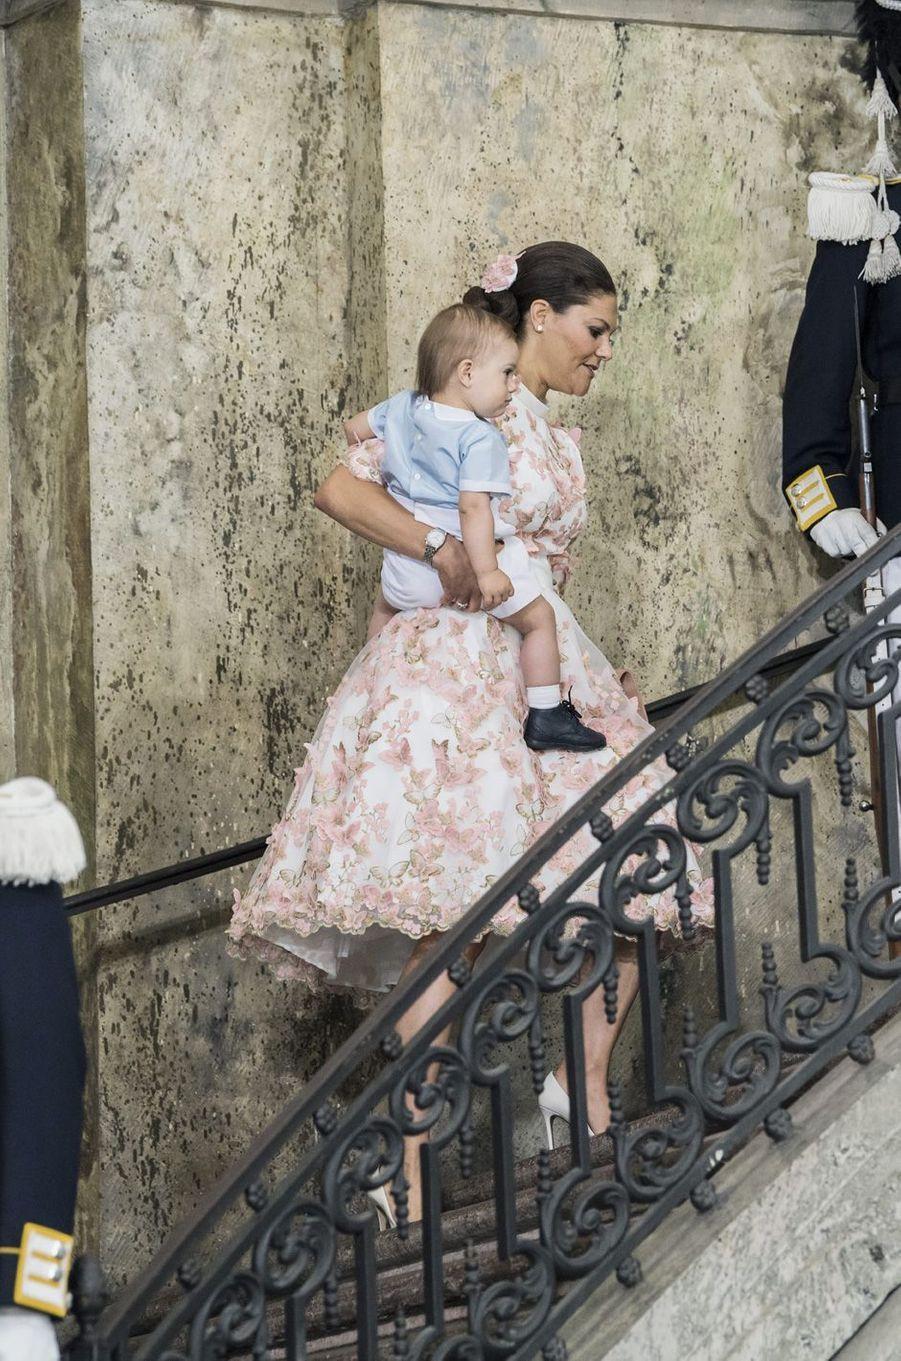 La princesse Victoria et le prince Oscar aux 40 ans de la princesse Victoria, le 14 juillet 2017.